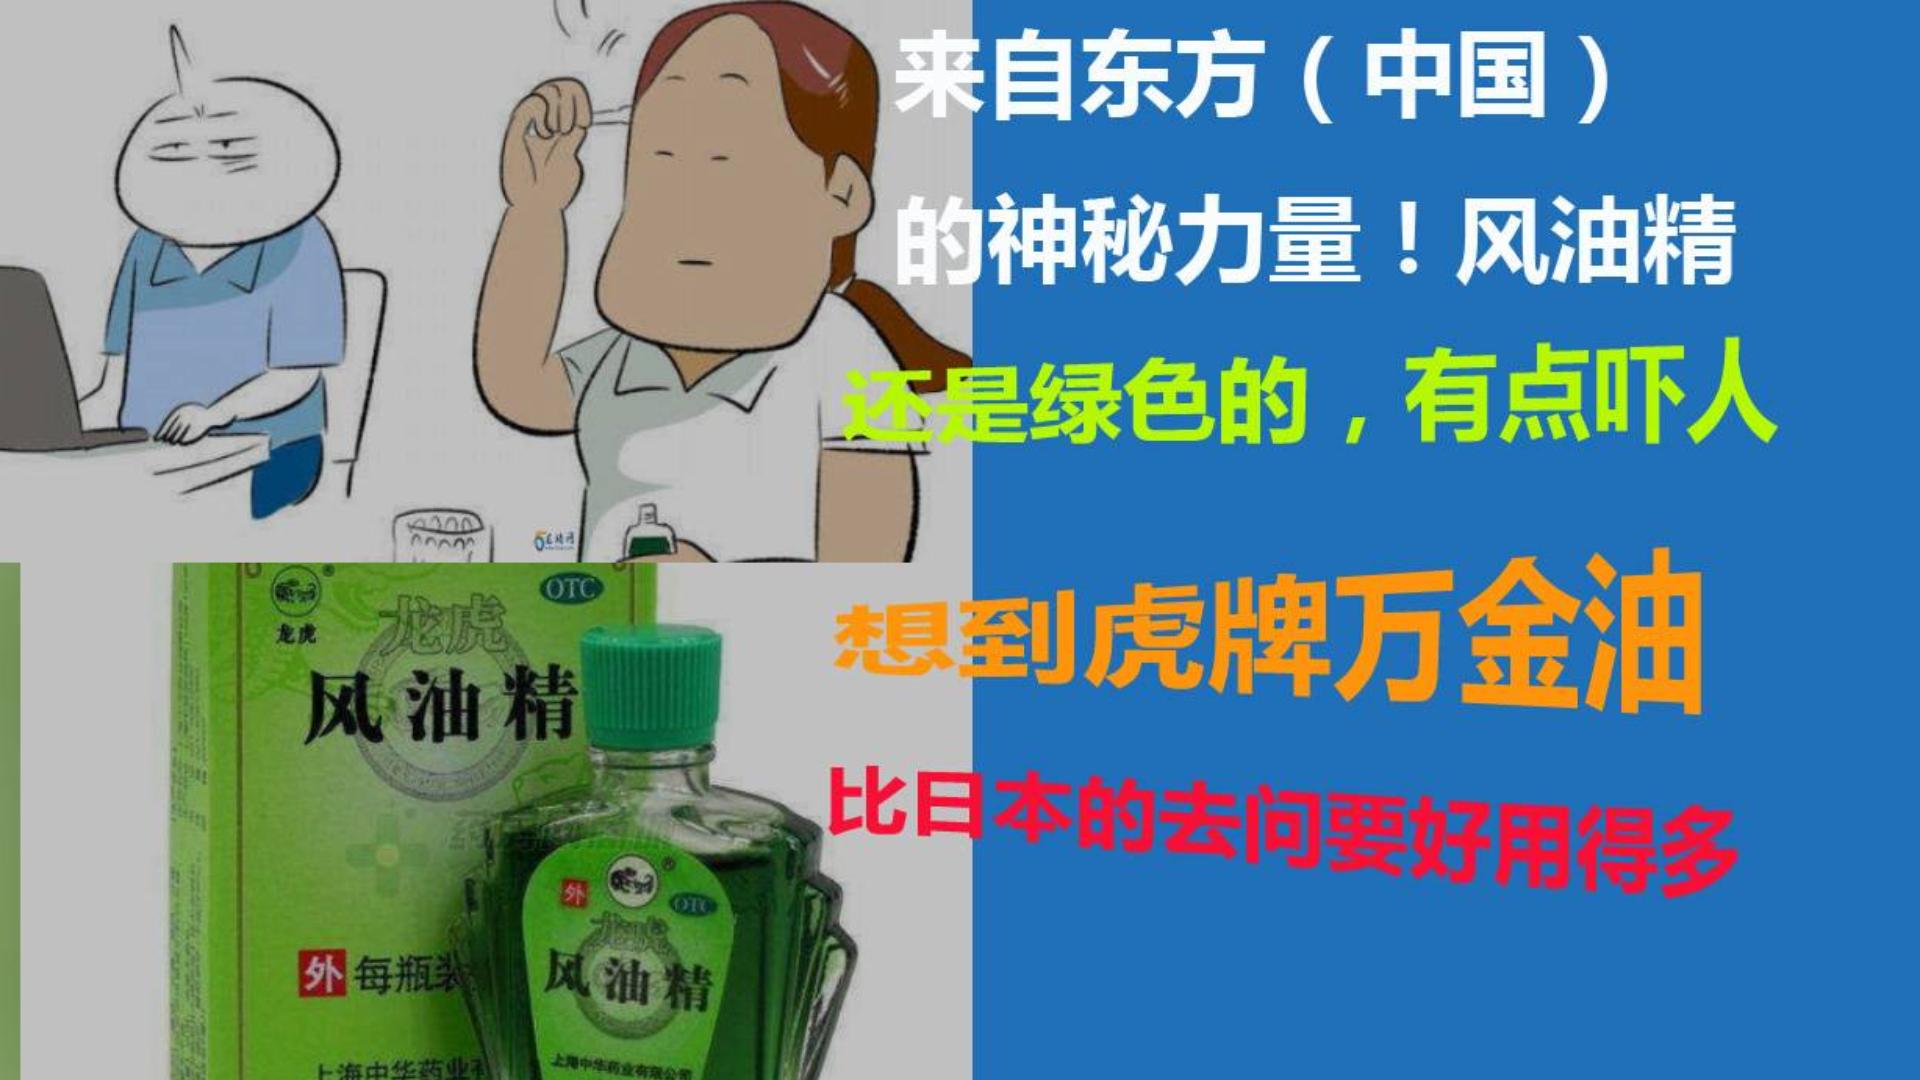 来自中国的神秘力量 风油精 网友:还是绿色的,有点吓人